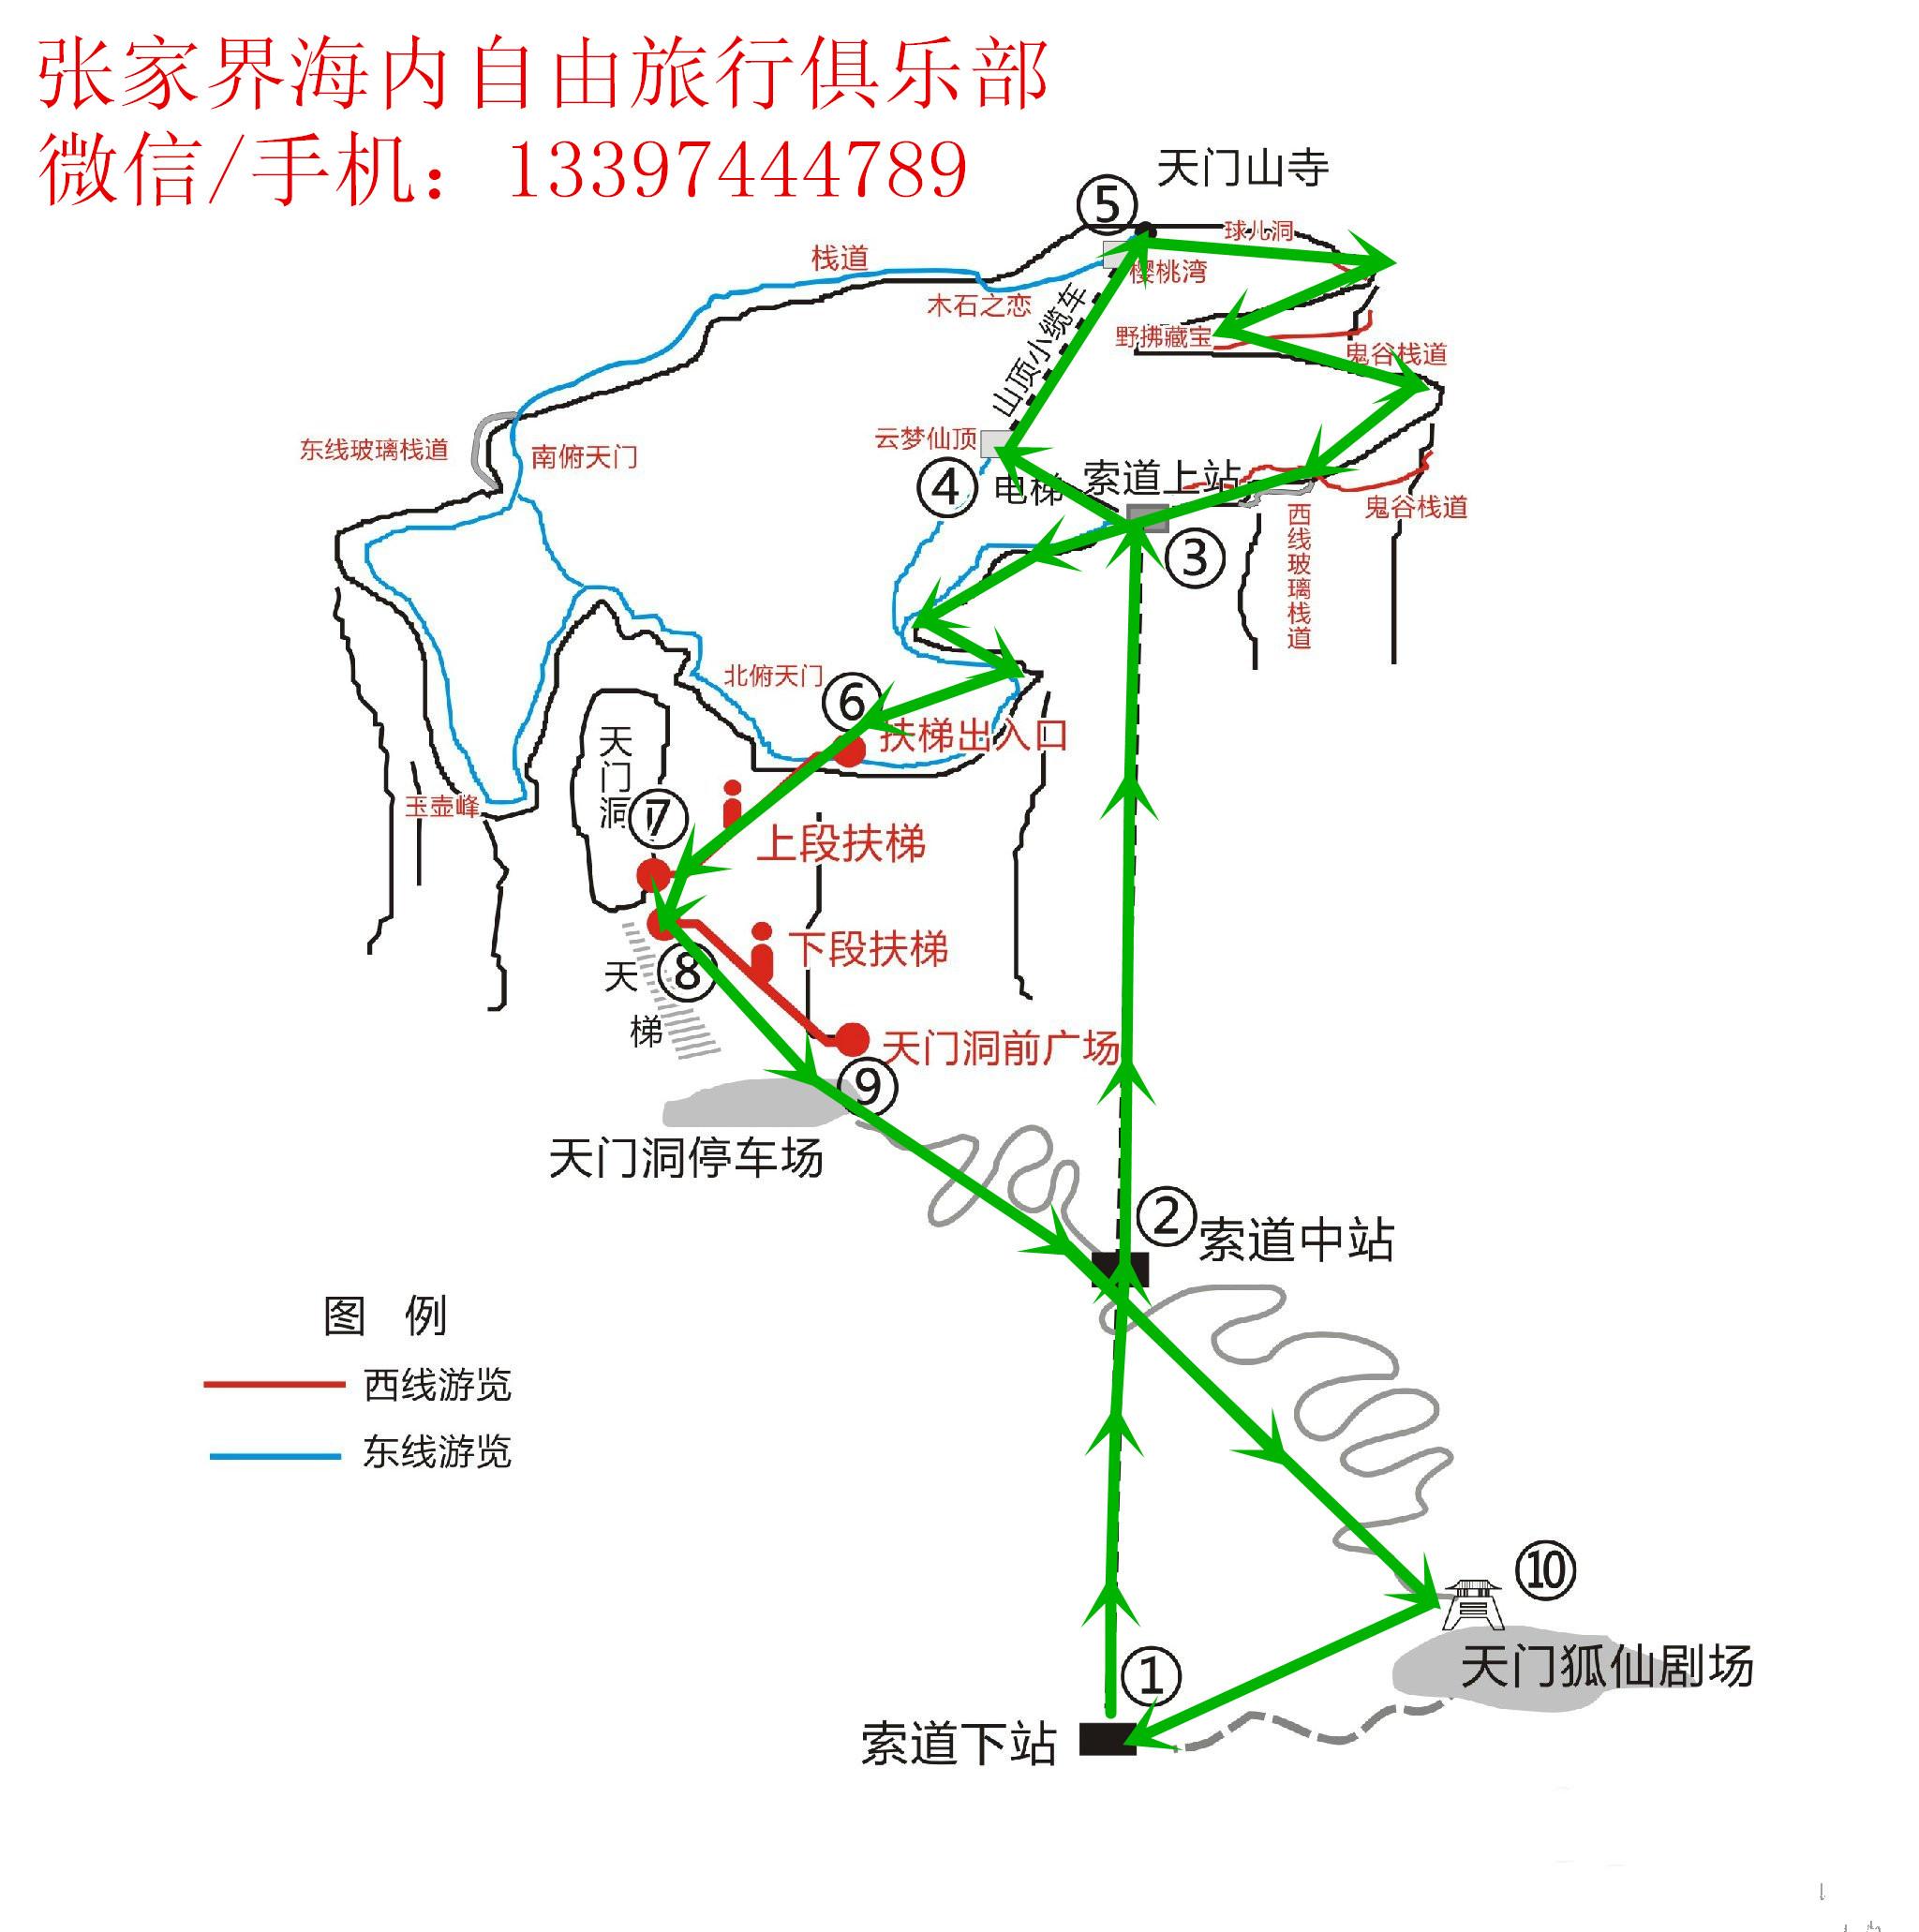 旅游 正文  张家界天门山景区地图 游玩a线按绿色箭头方向走,b线按